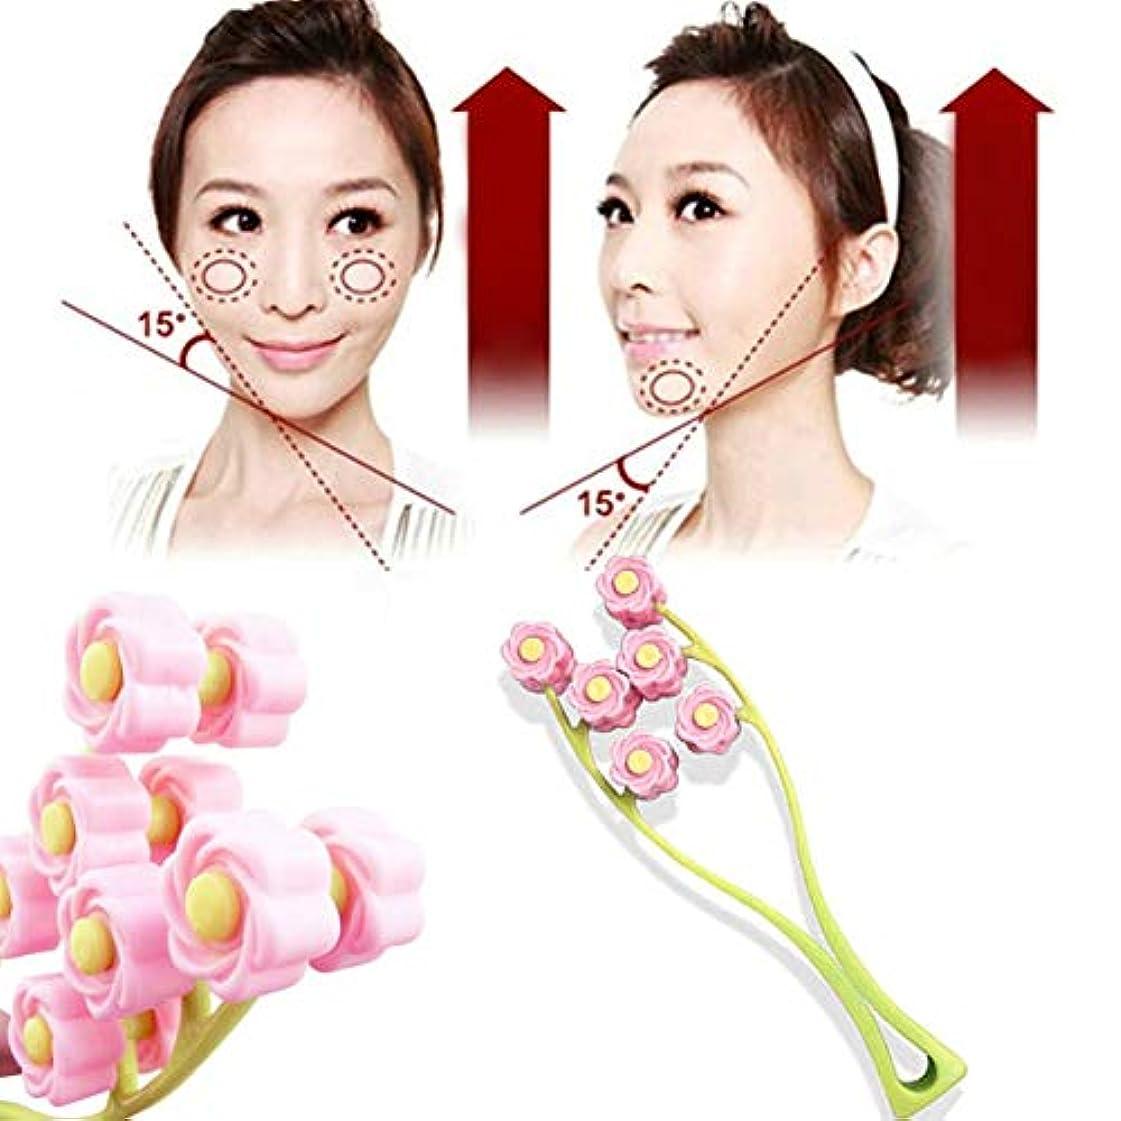 ダンプ鎖毒液Elegant Flower Shape Portable Facial Massager Roller Anti-Wrinkle Face Lifter Slimming Face Shaper Relaxation...